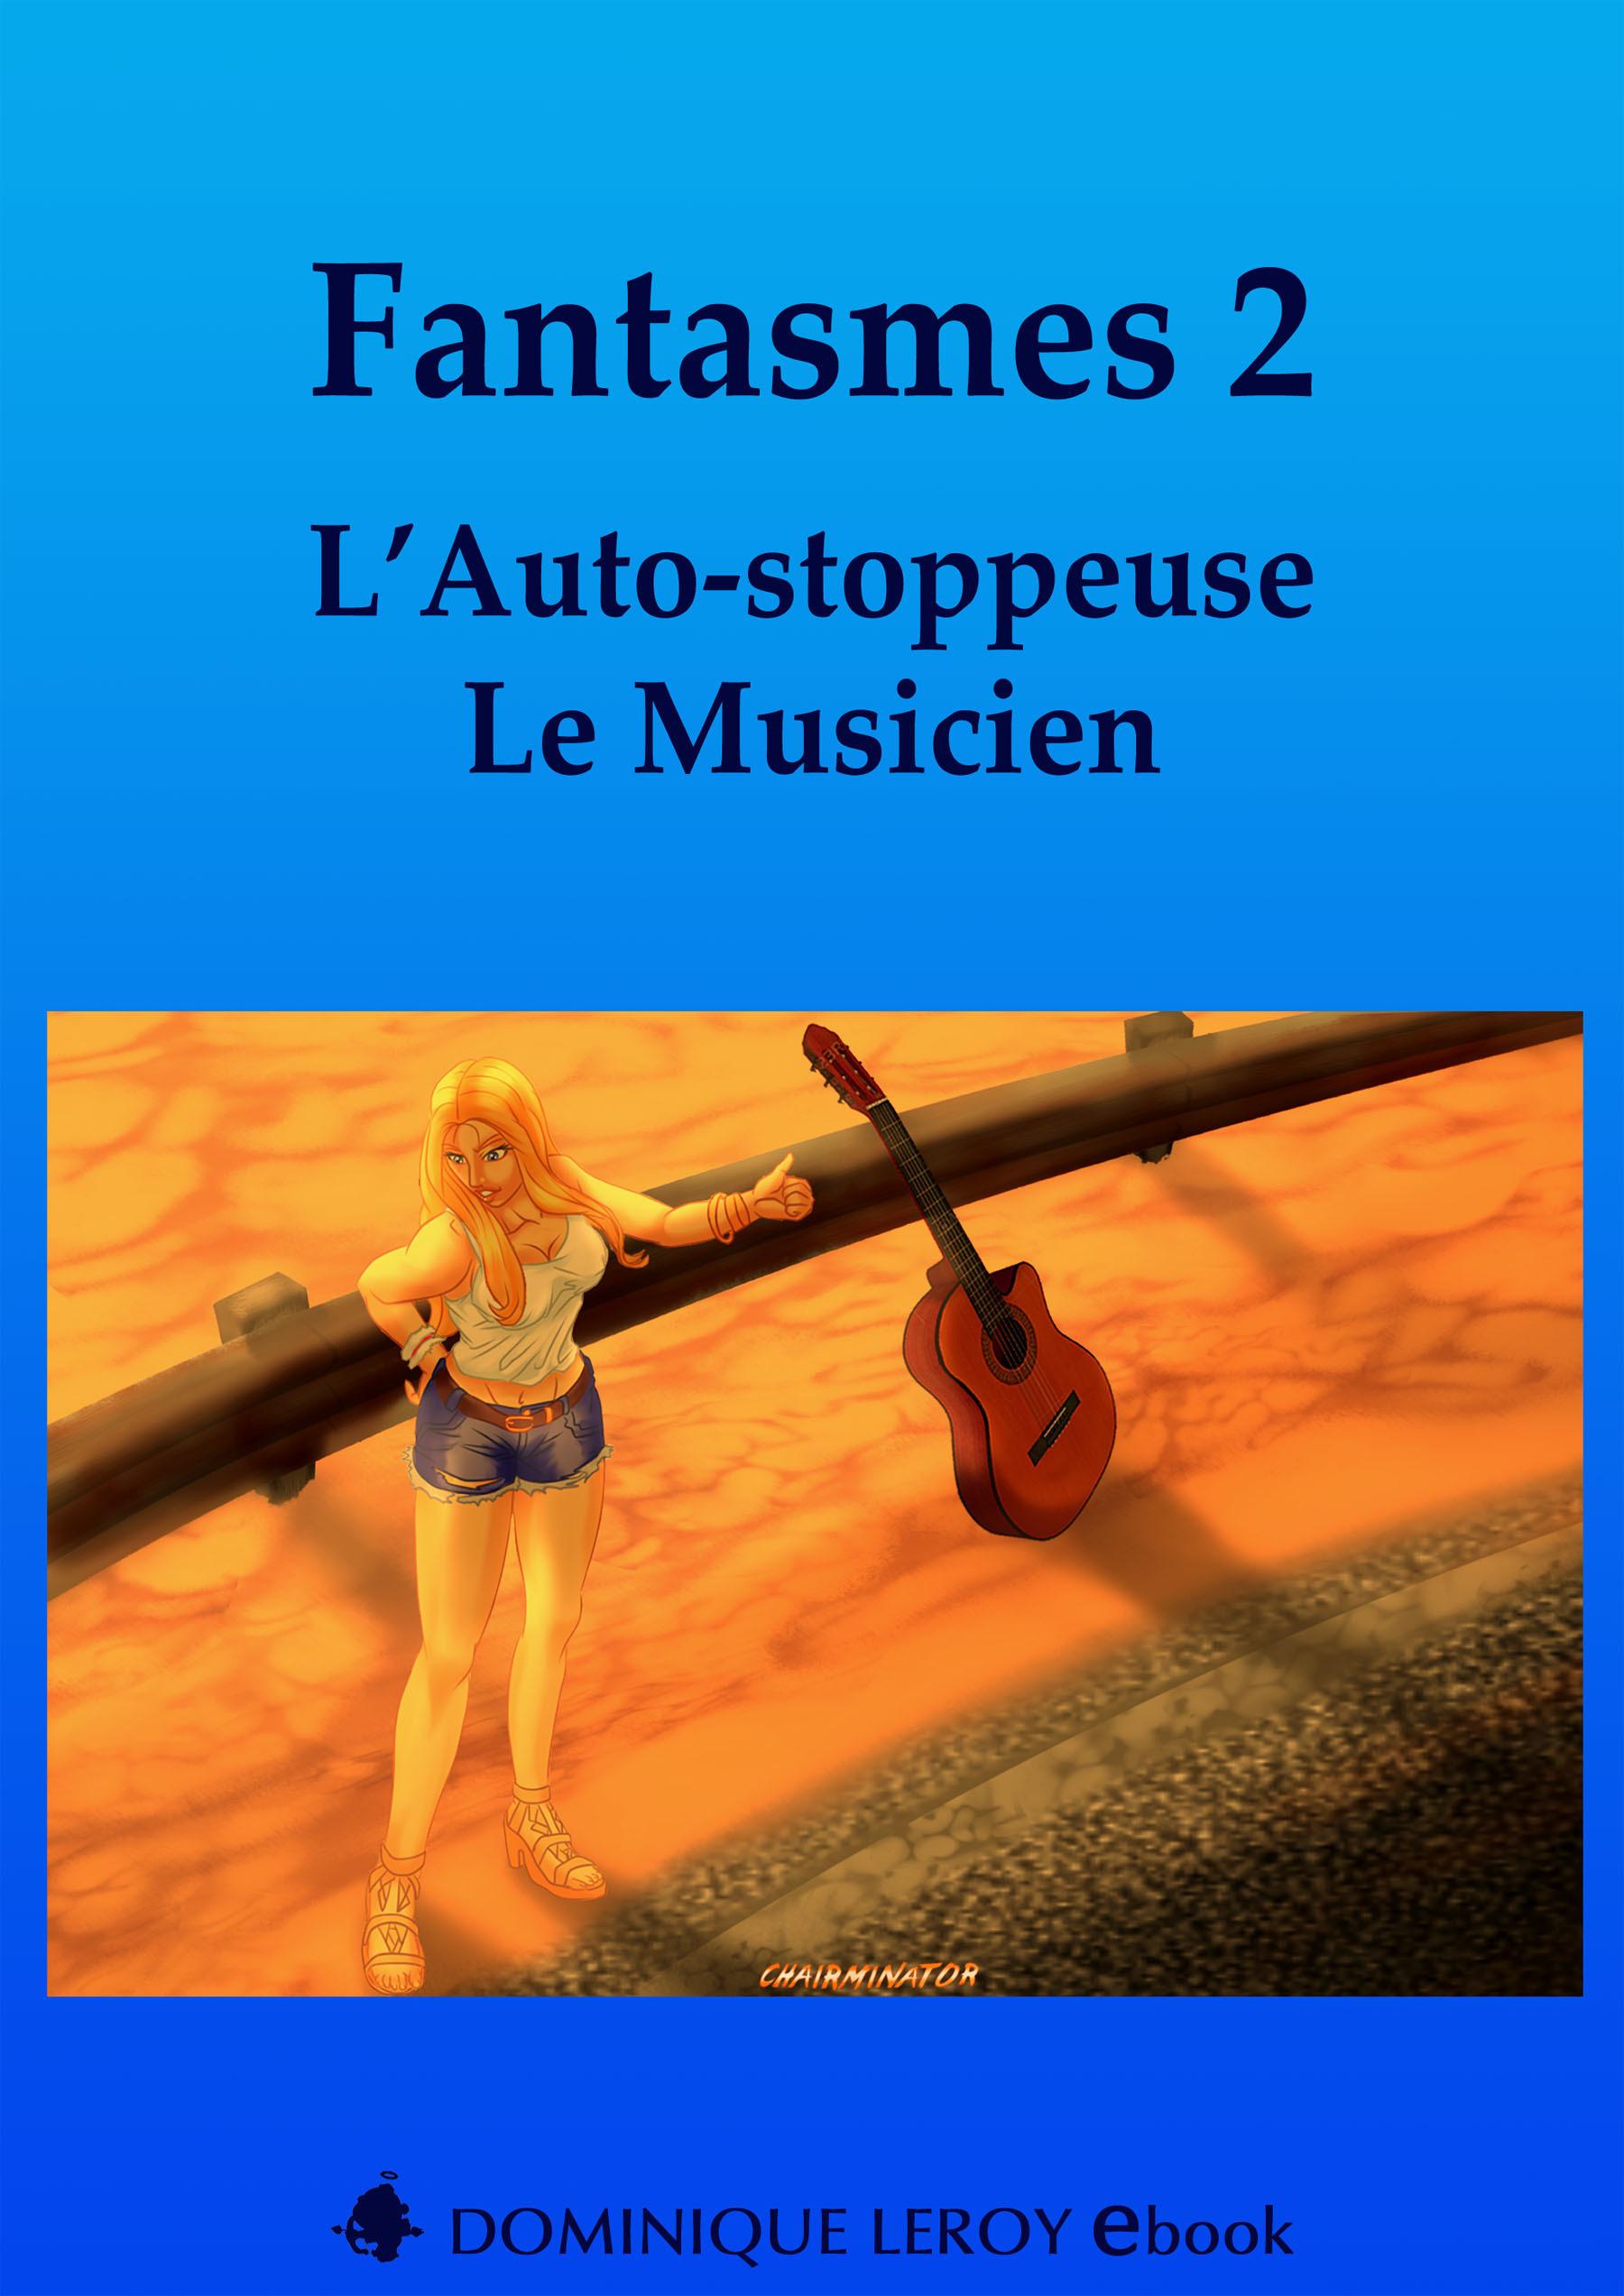 Fantasmes 2, L´Auto-stoppeuse, Le Musicien